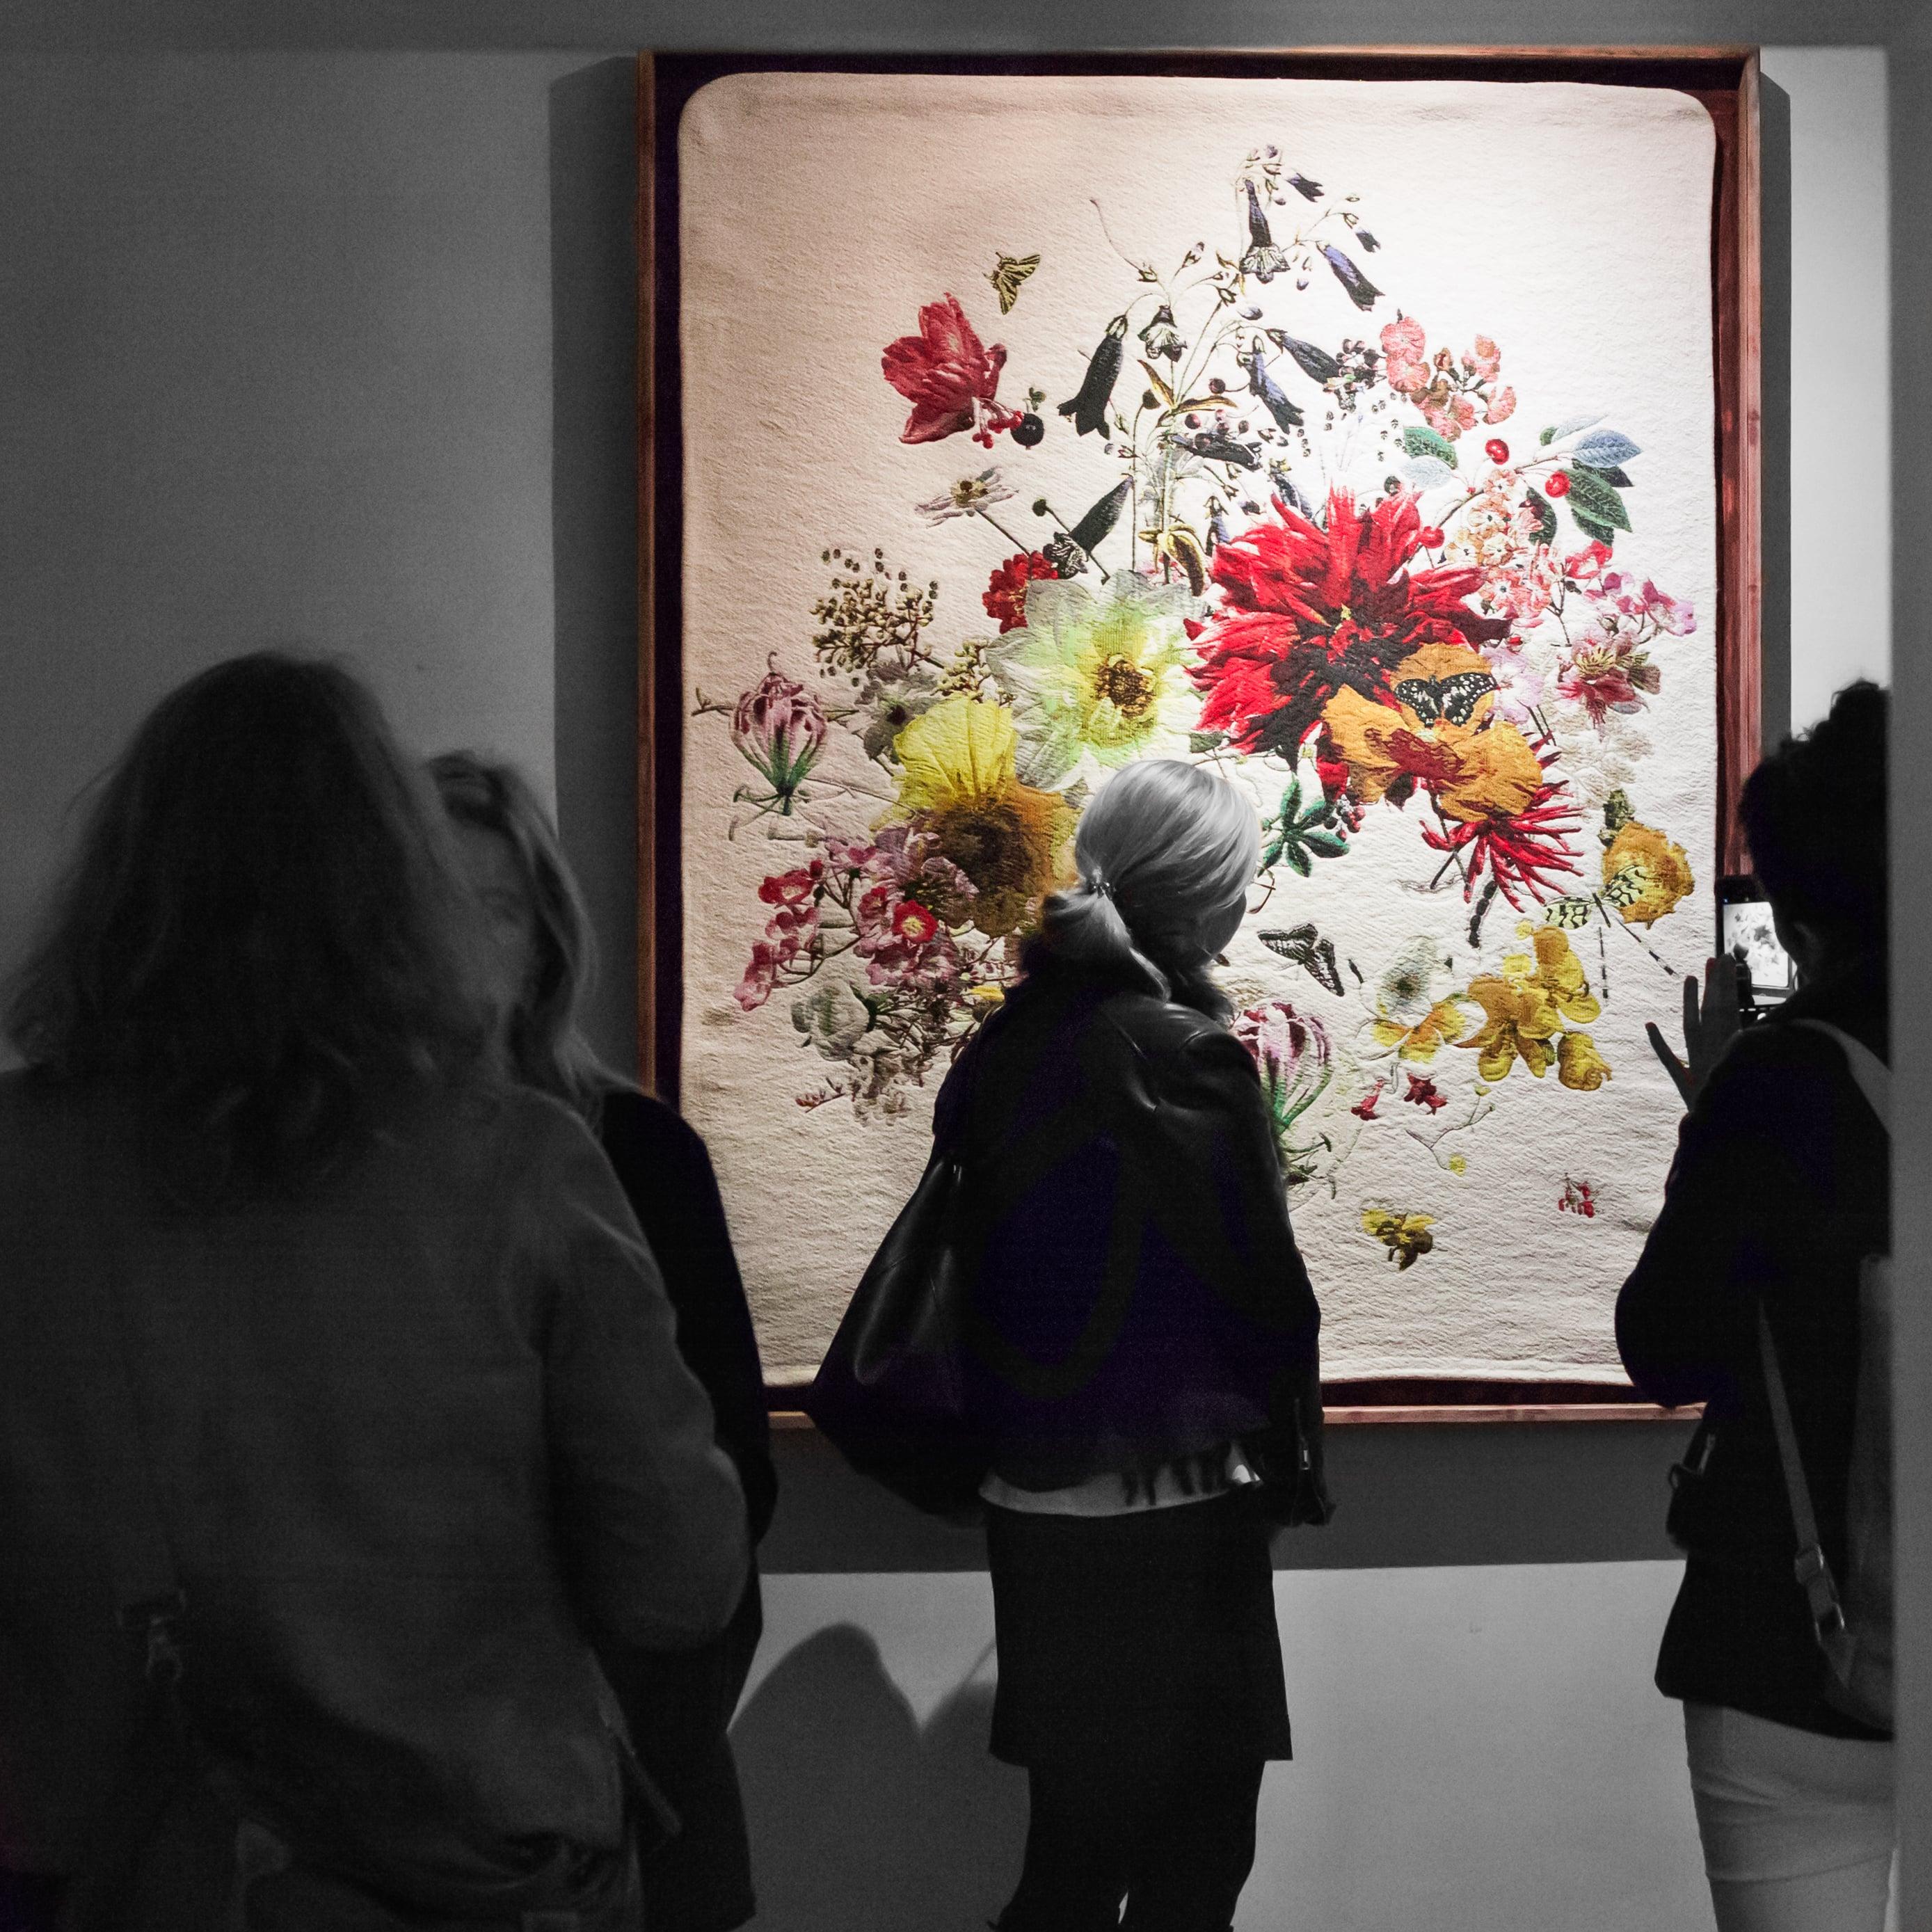 Jacquard-Gobelin Wandteppich mit floralem Muster von NOMY Art & Design